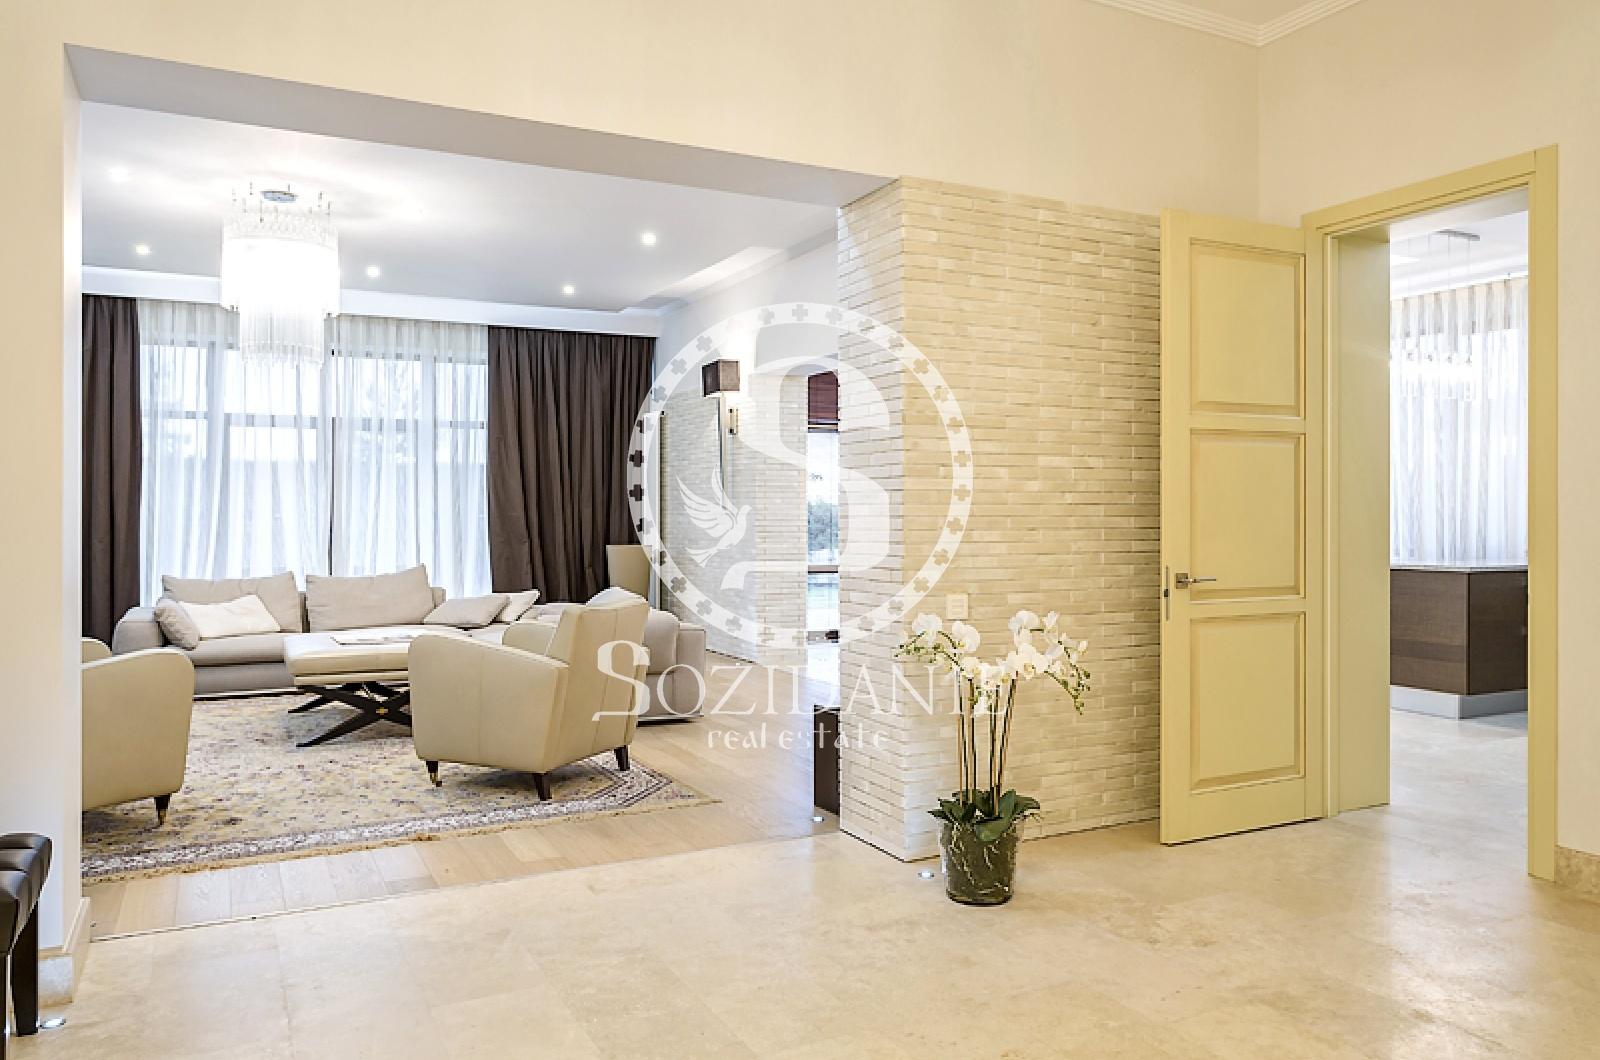 4 Bedrooms, Загородная, Продажа, Listing ID 1237, Московская область, Россия,